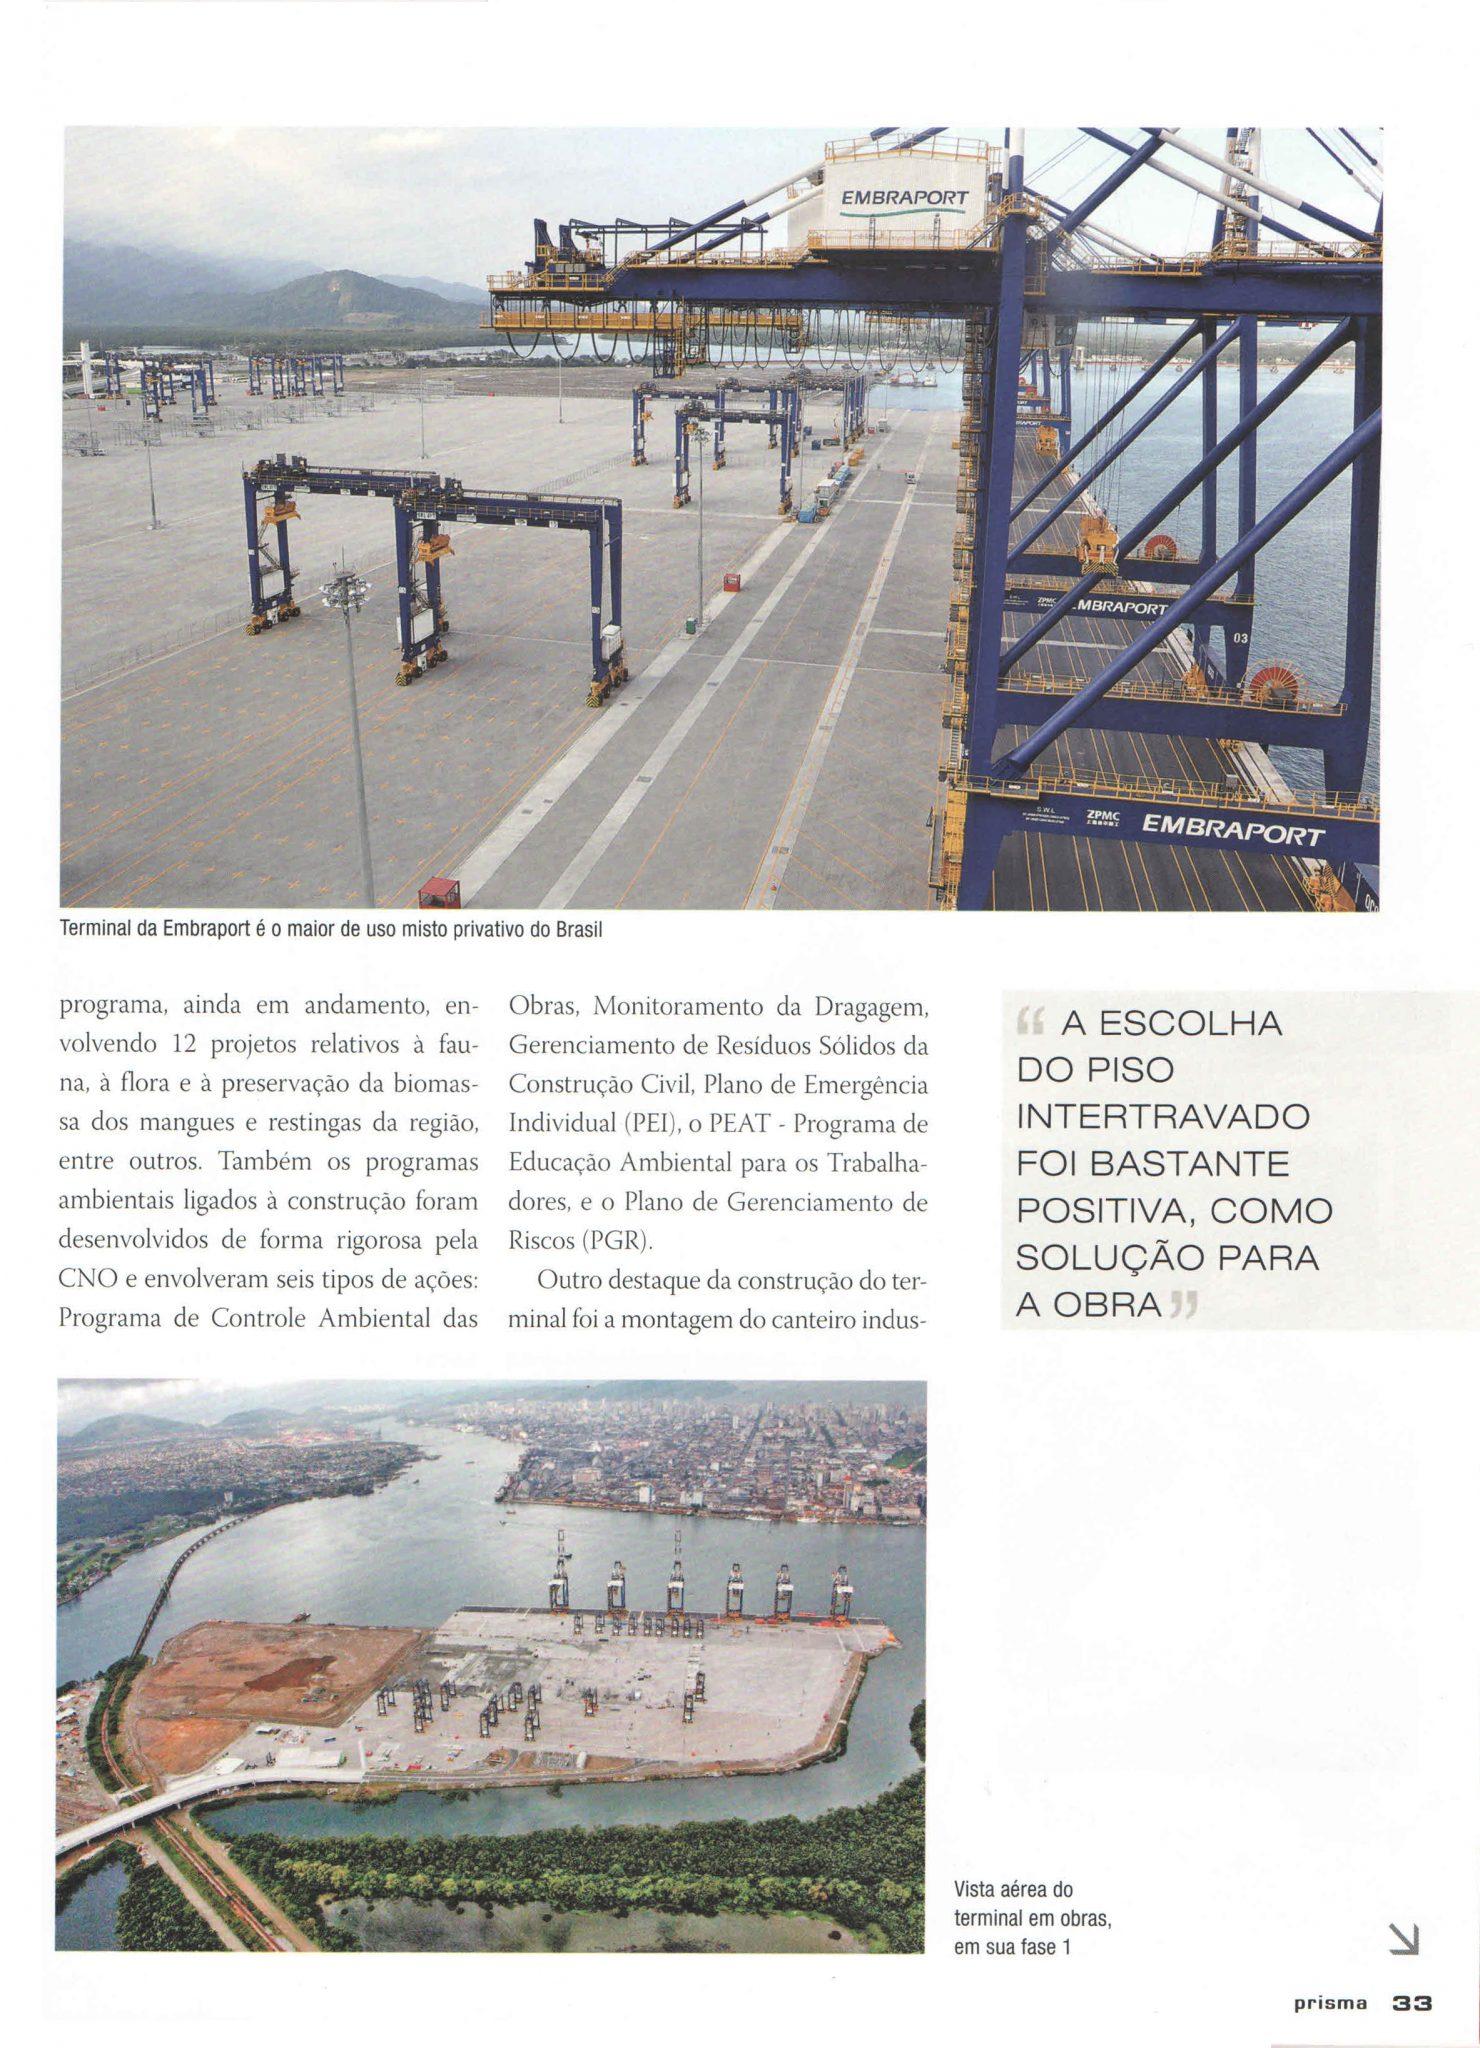 reportagem-prisma-folha-2-2013-embraport